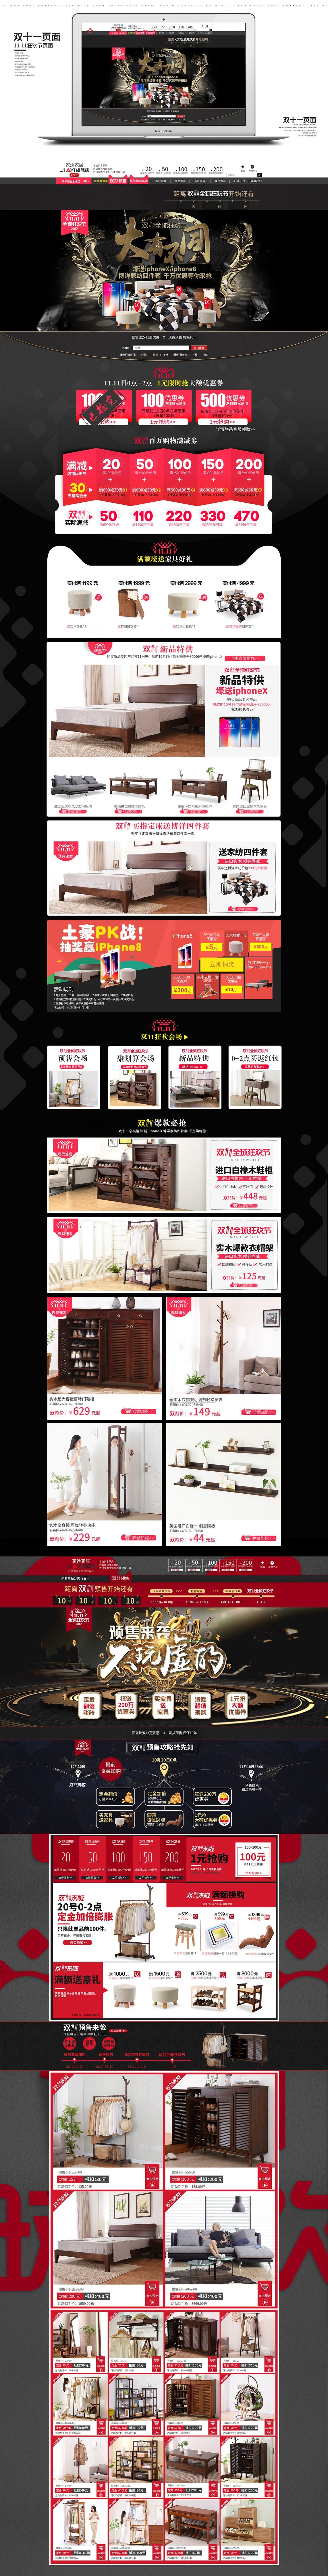 11.11 双十一页面 首页 淘宝 天猫 京东 首页